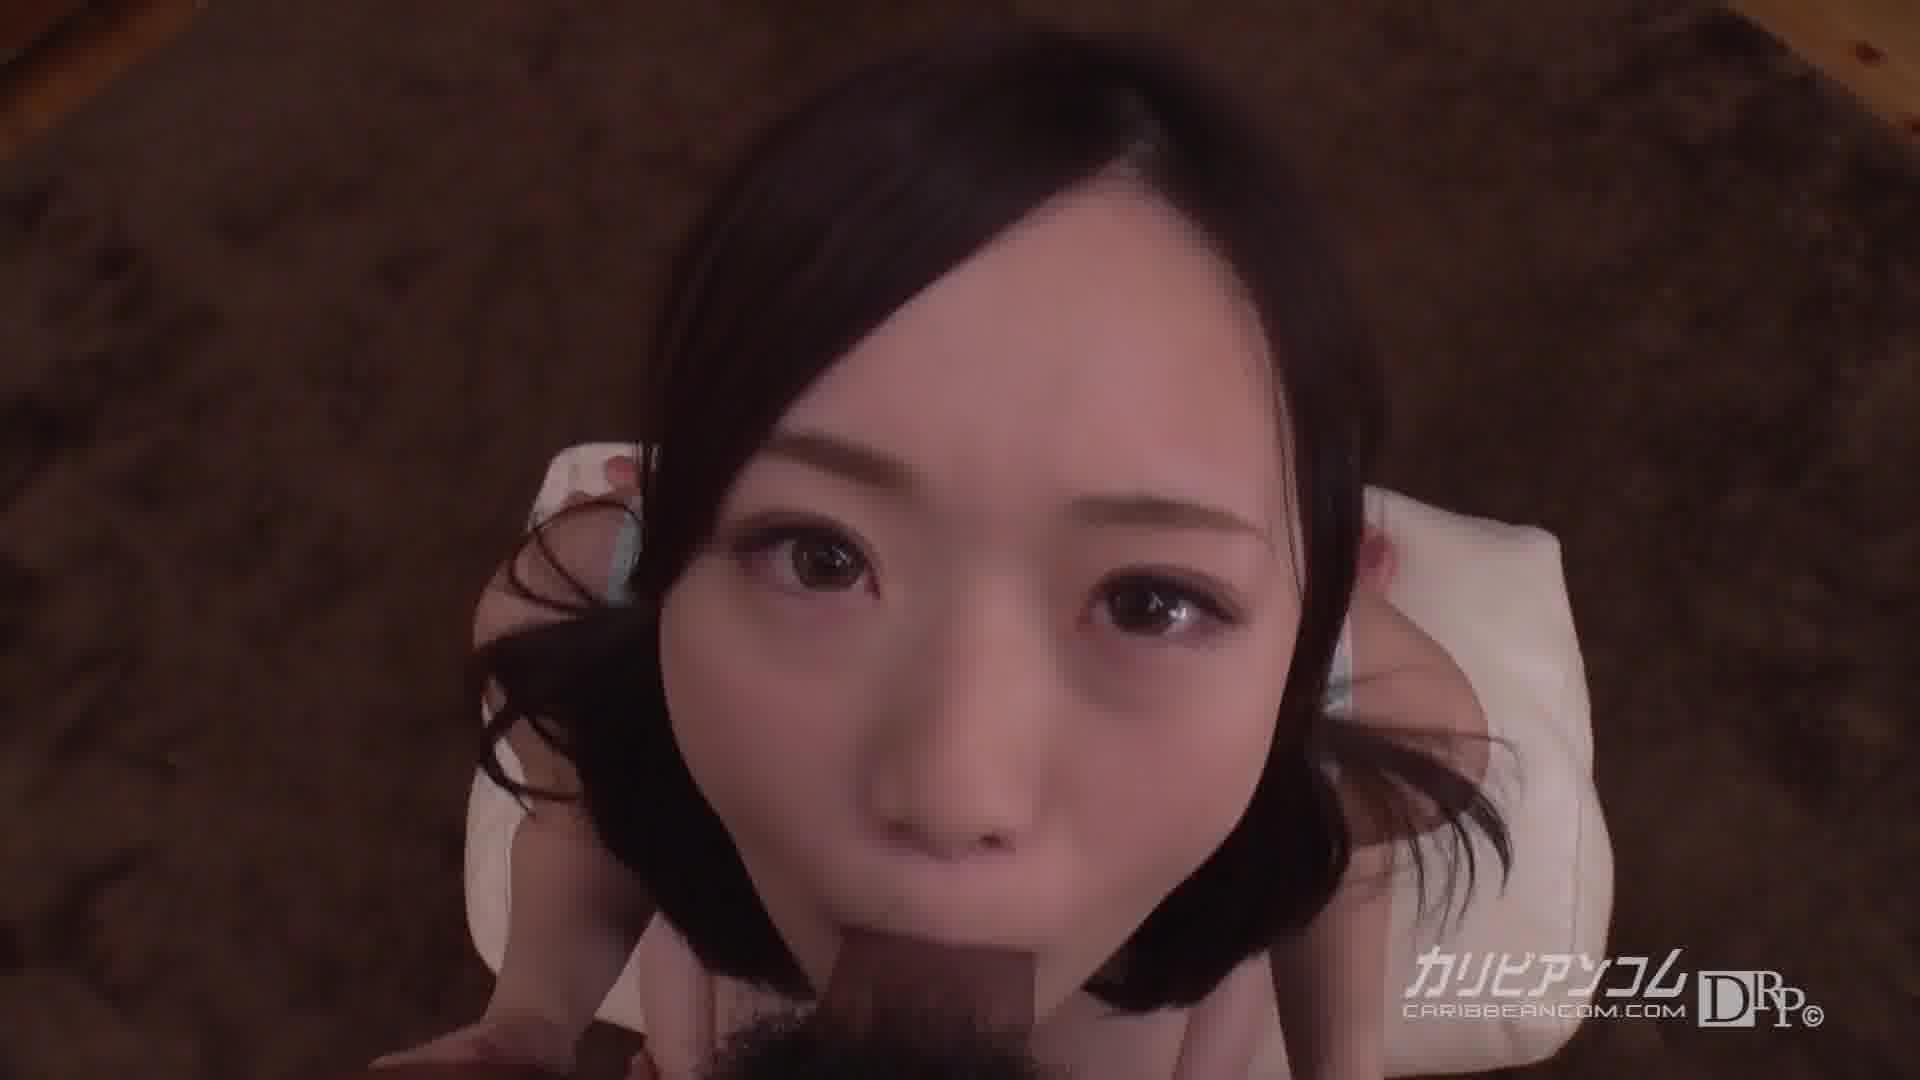 THE 未公開 ~主観イラマチオ~ - 瀬奈まお【微乳・イラマチオ・口内発射】